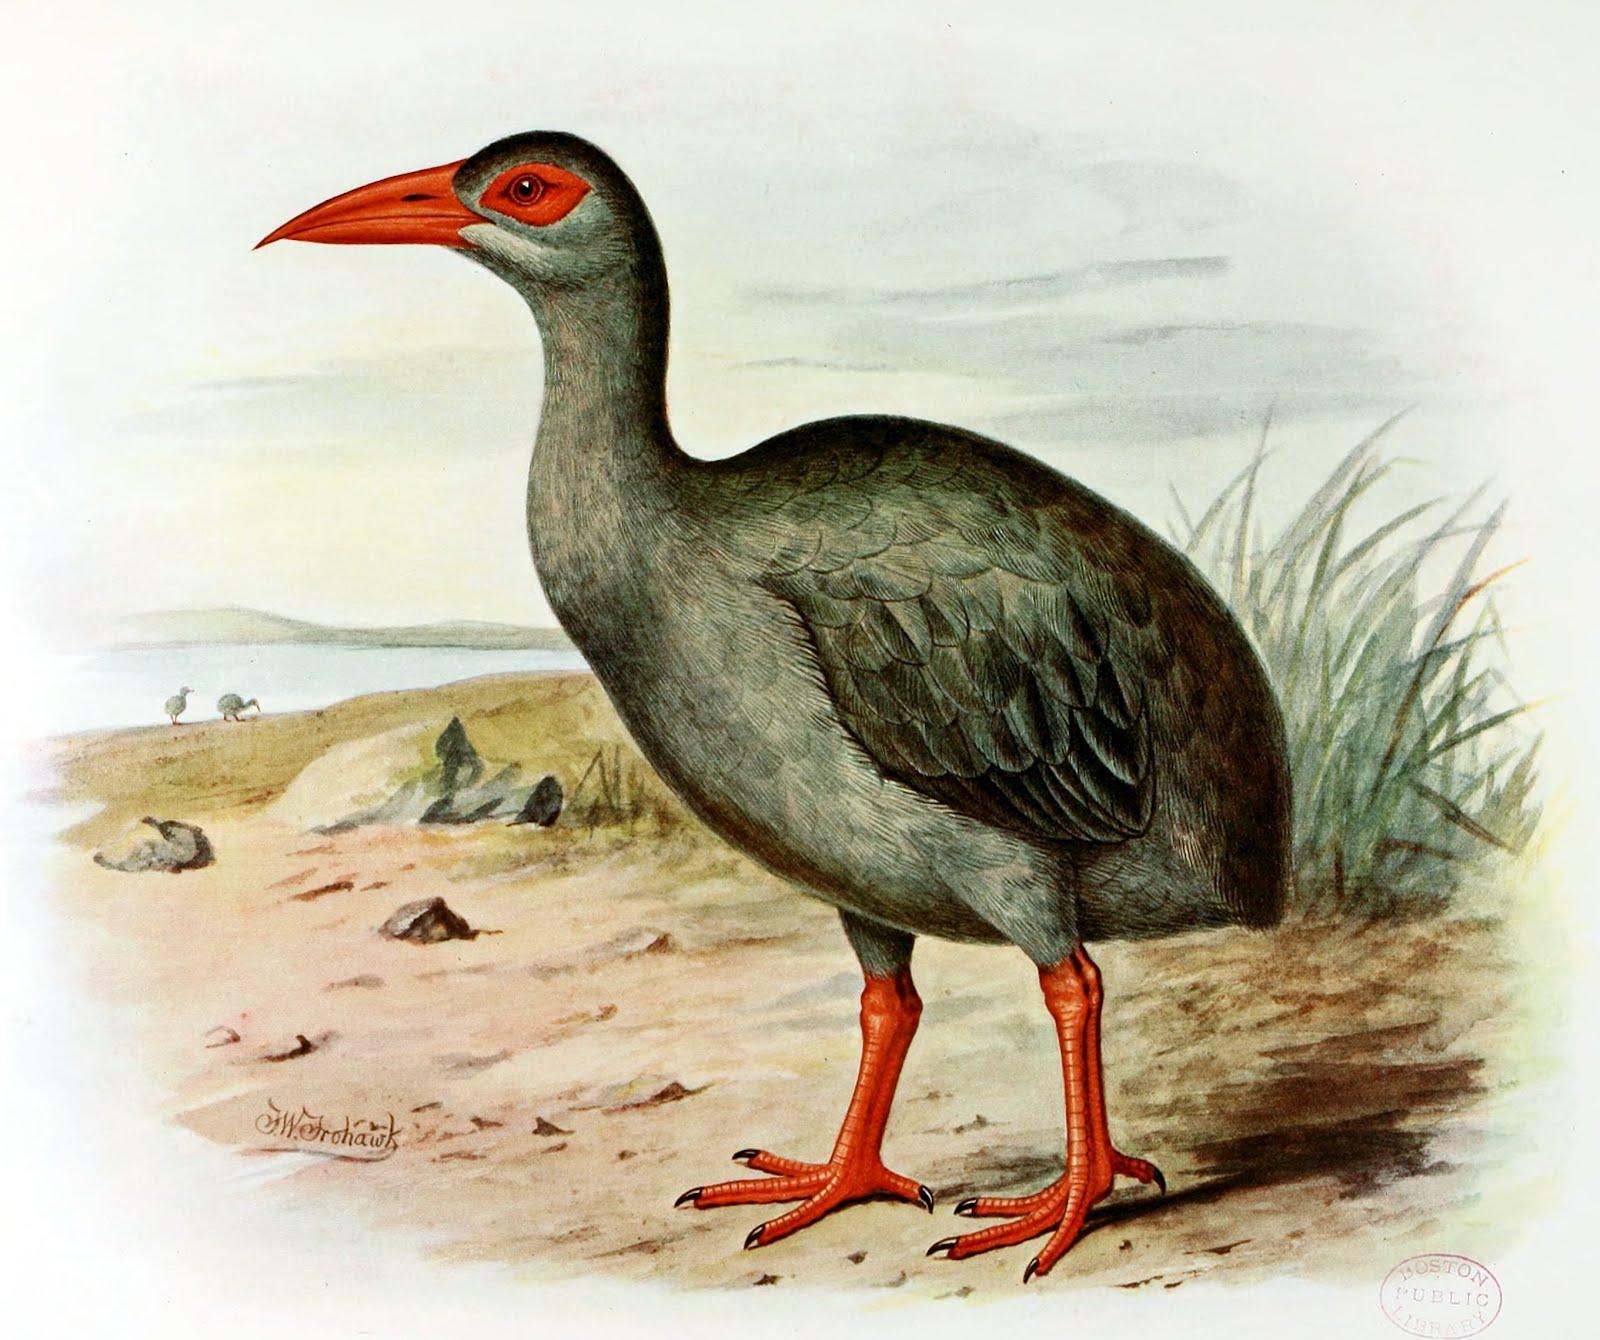 List of recently extinct bird species